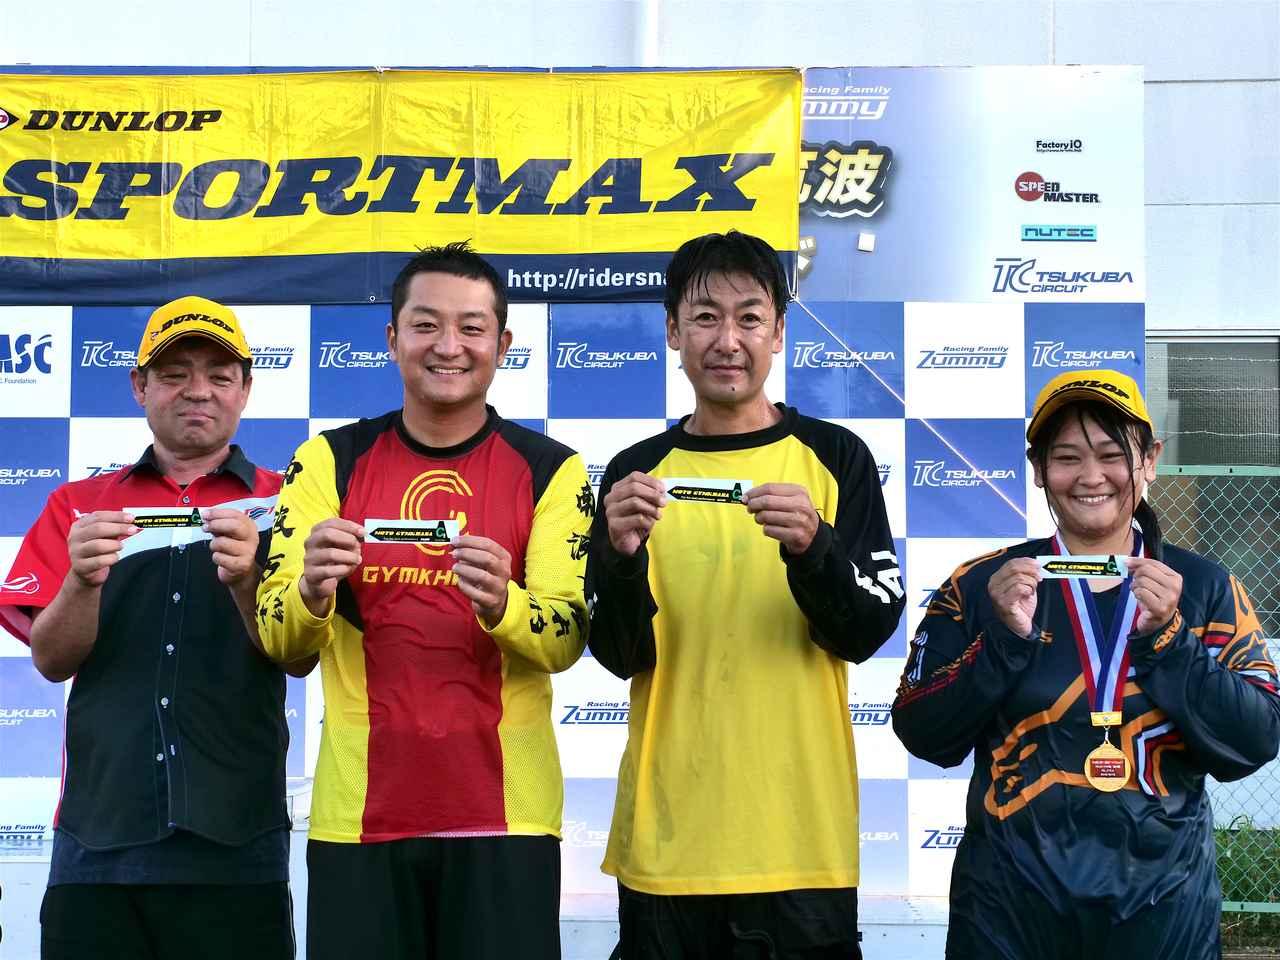 画像: 左から新田茂久(NO→C2)、ジャオトン(C2→C1)、新井秀昭(NO→C2)、石渡愛美(NO→C2)